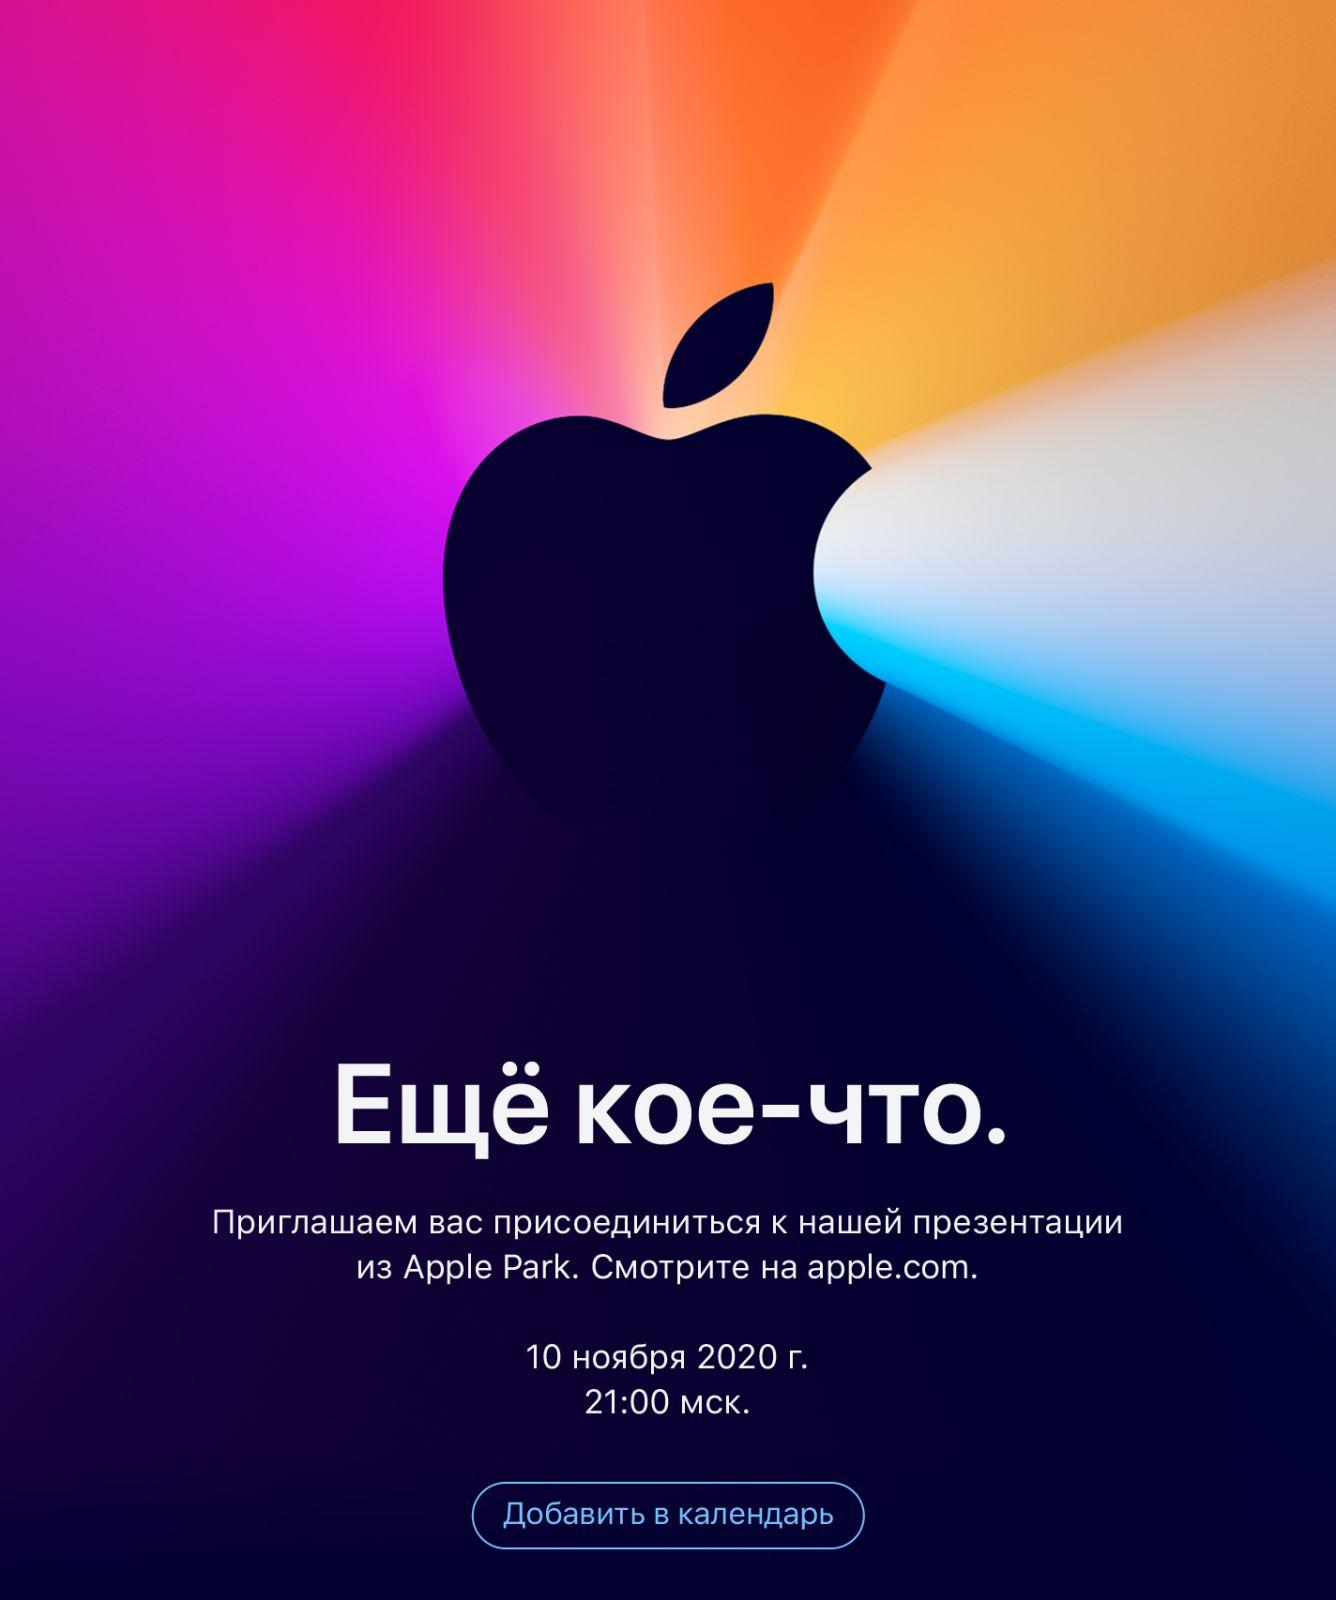 Apple покажет ещё кое-что 10 ноября: MacBook и iMac (mailservice)